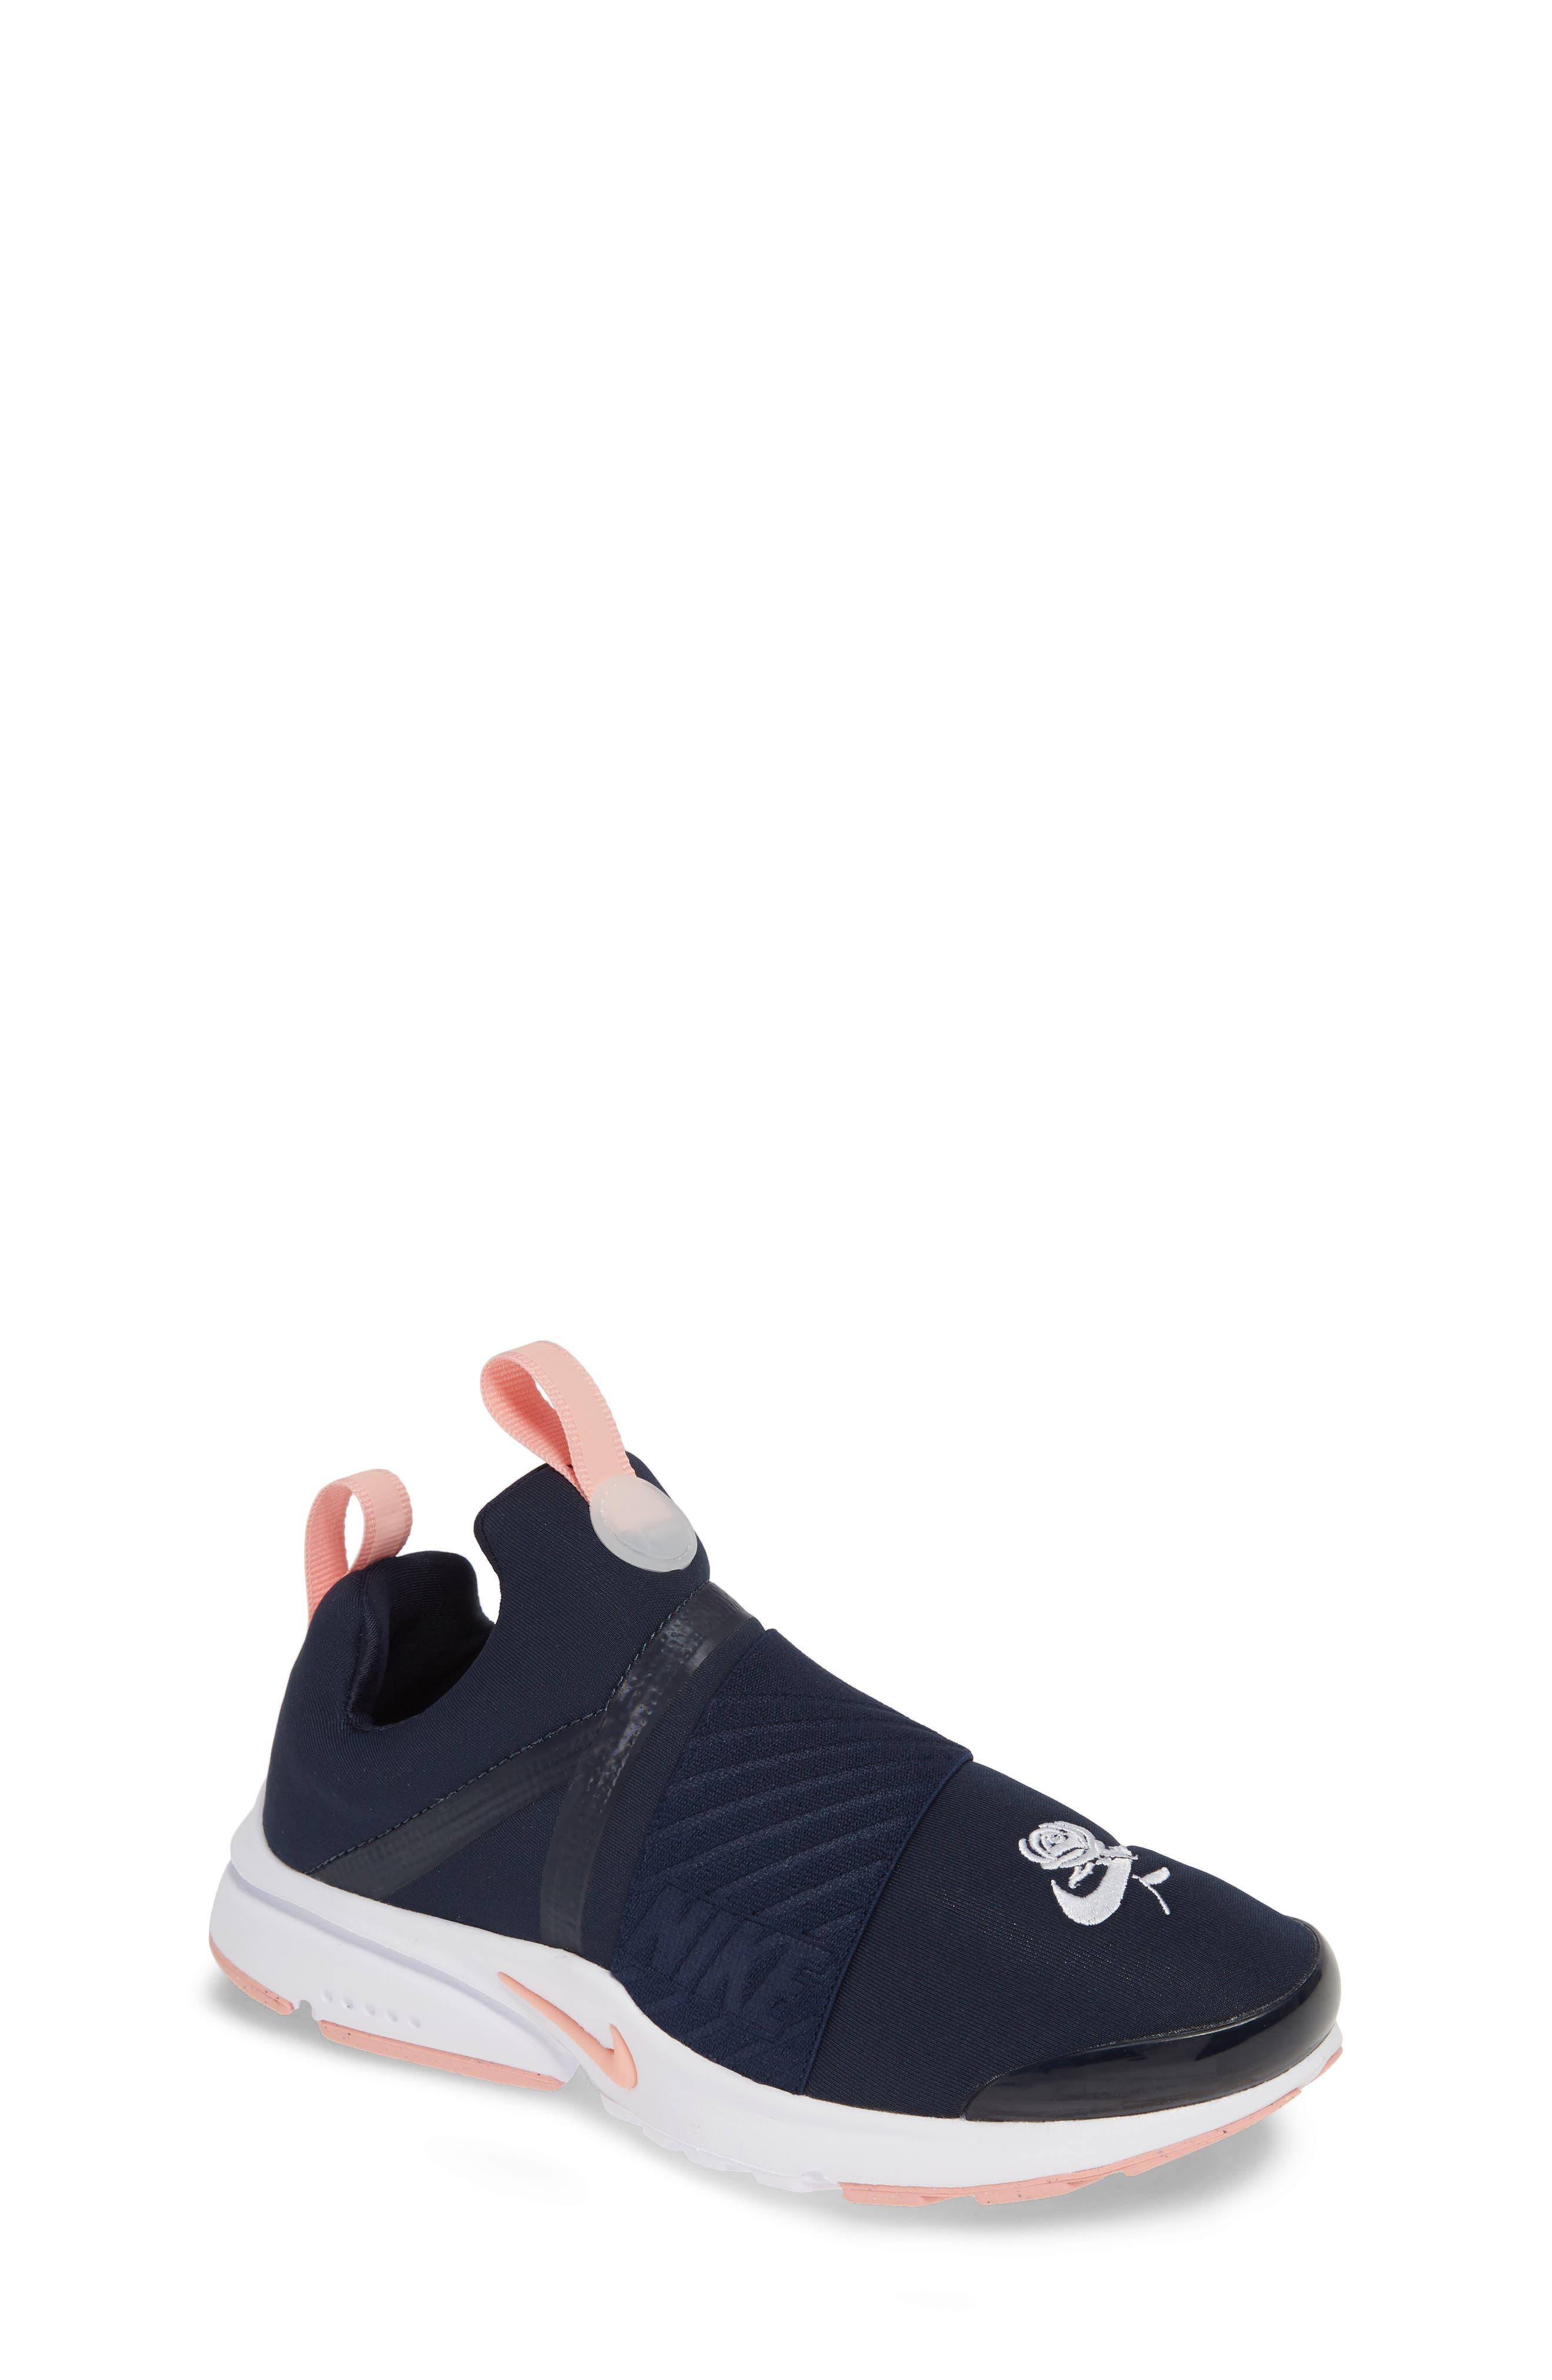 5cc605d0d1 Tween Shoes   Nordstrom